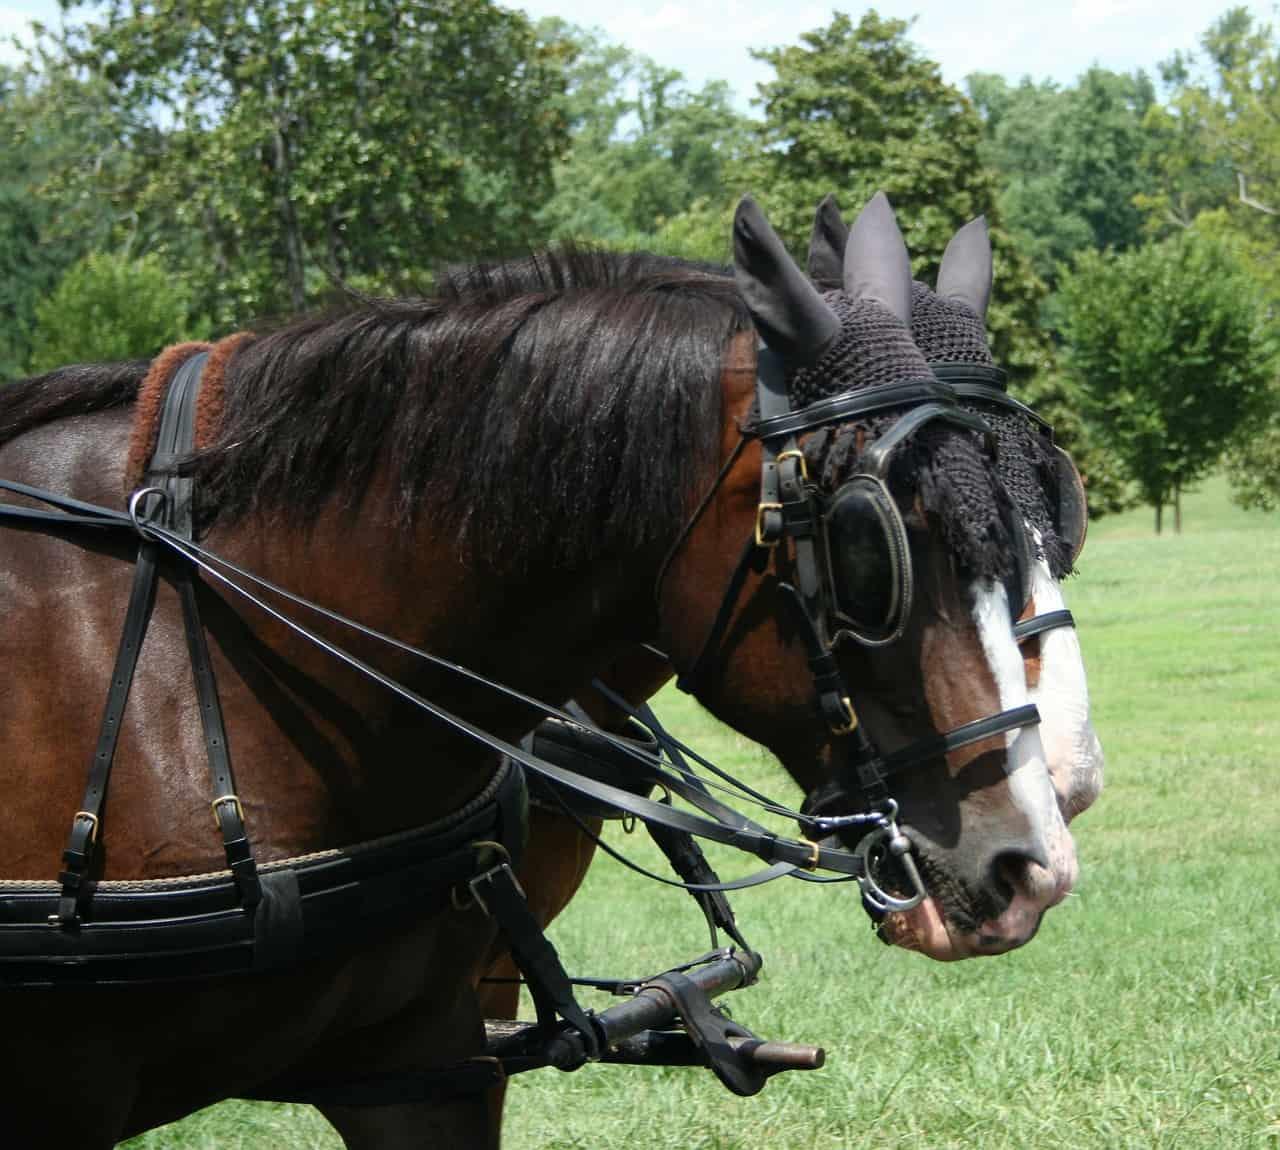 Hackney horse breed